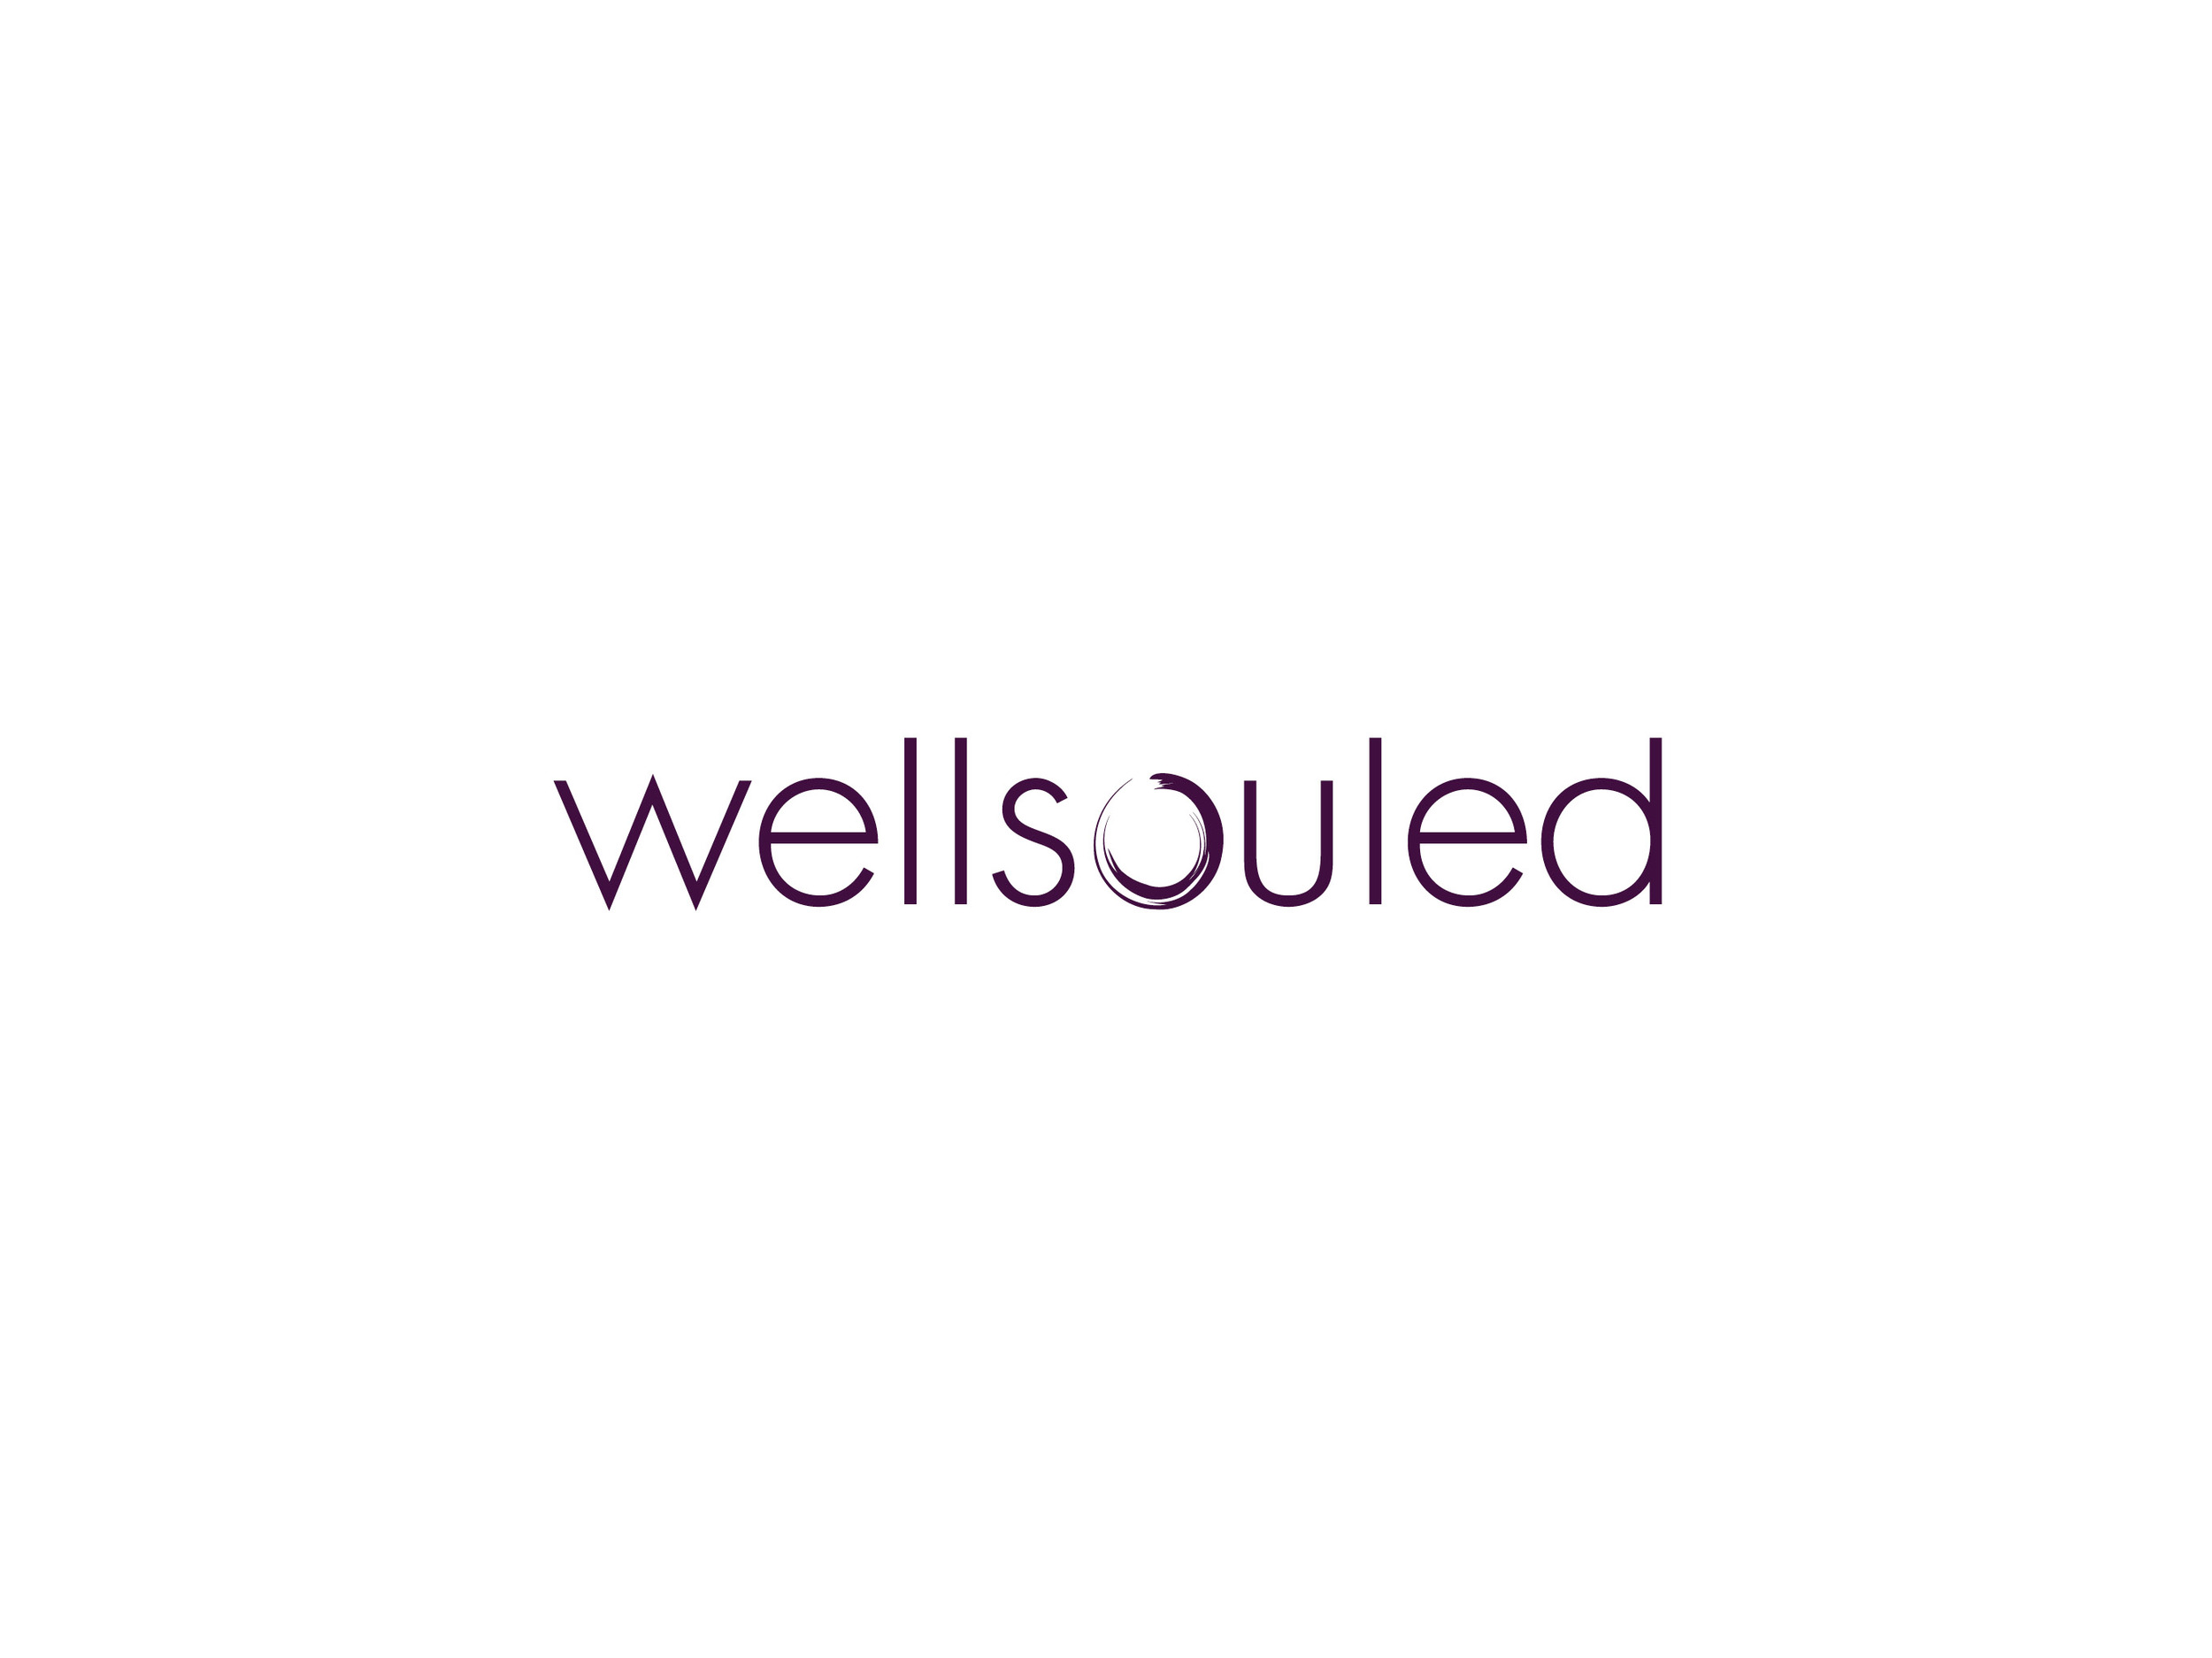 Case Study - Wellsouled.jpg